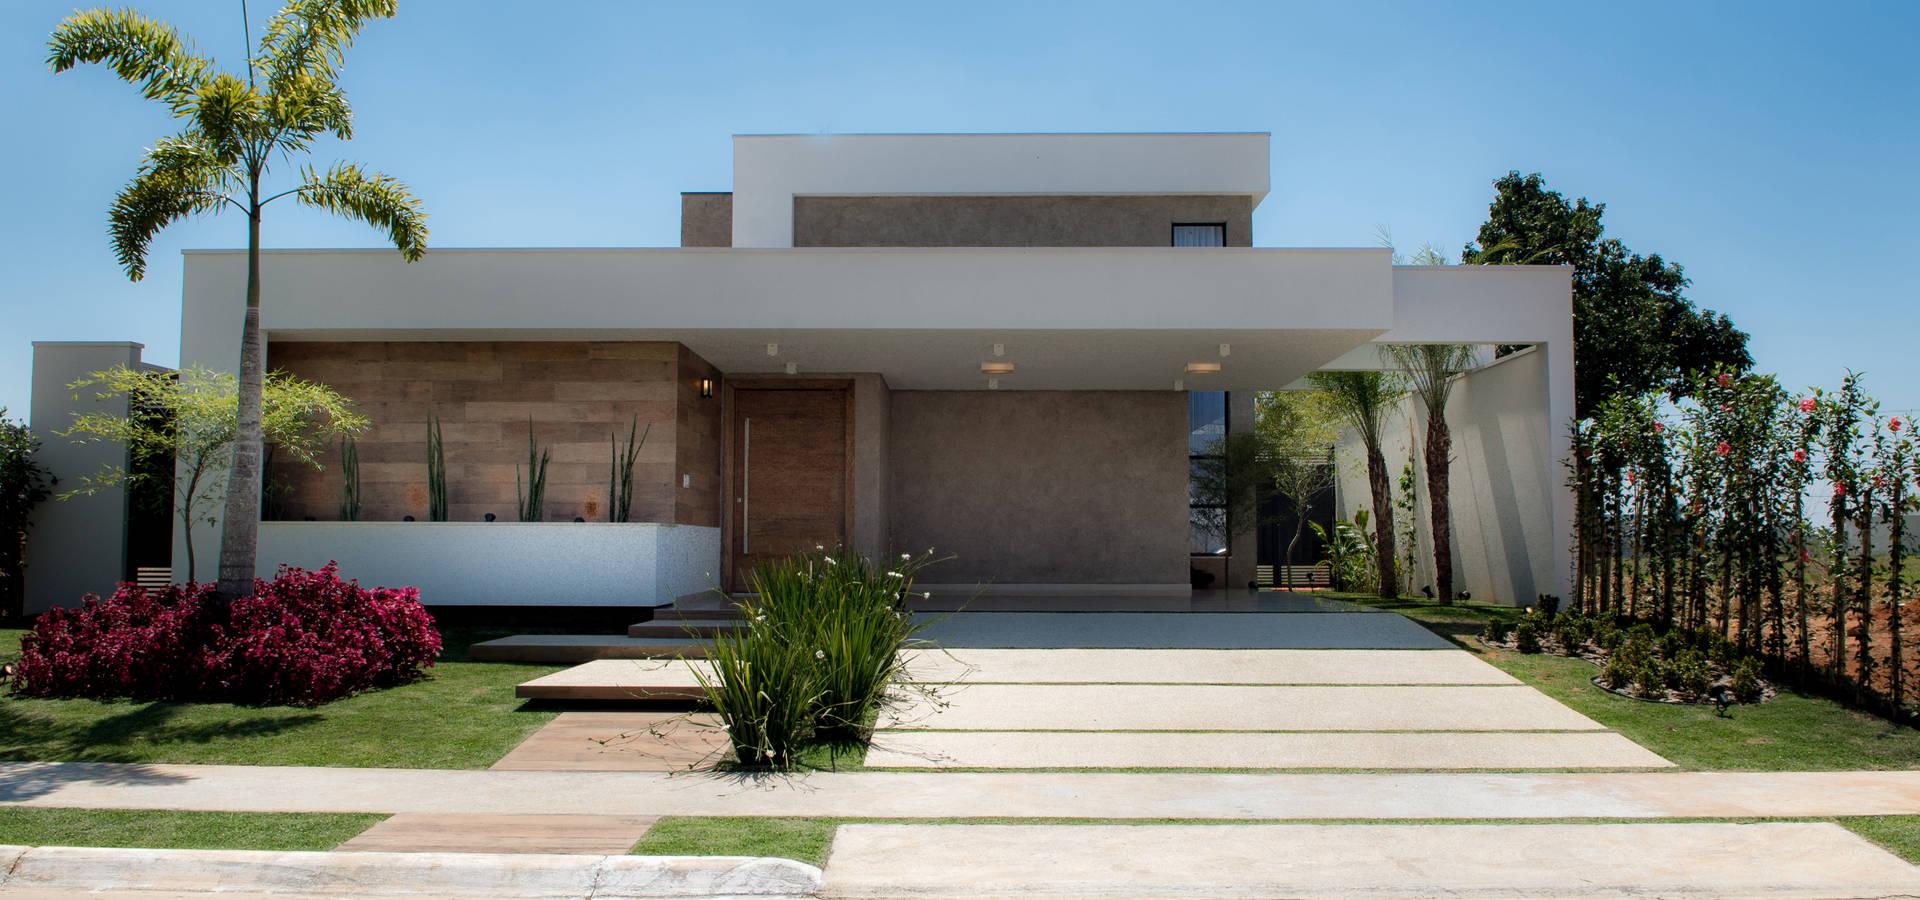 Sobrado Moderno Por Camila Castilho Arquitetura E